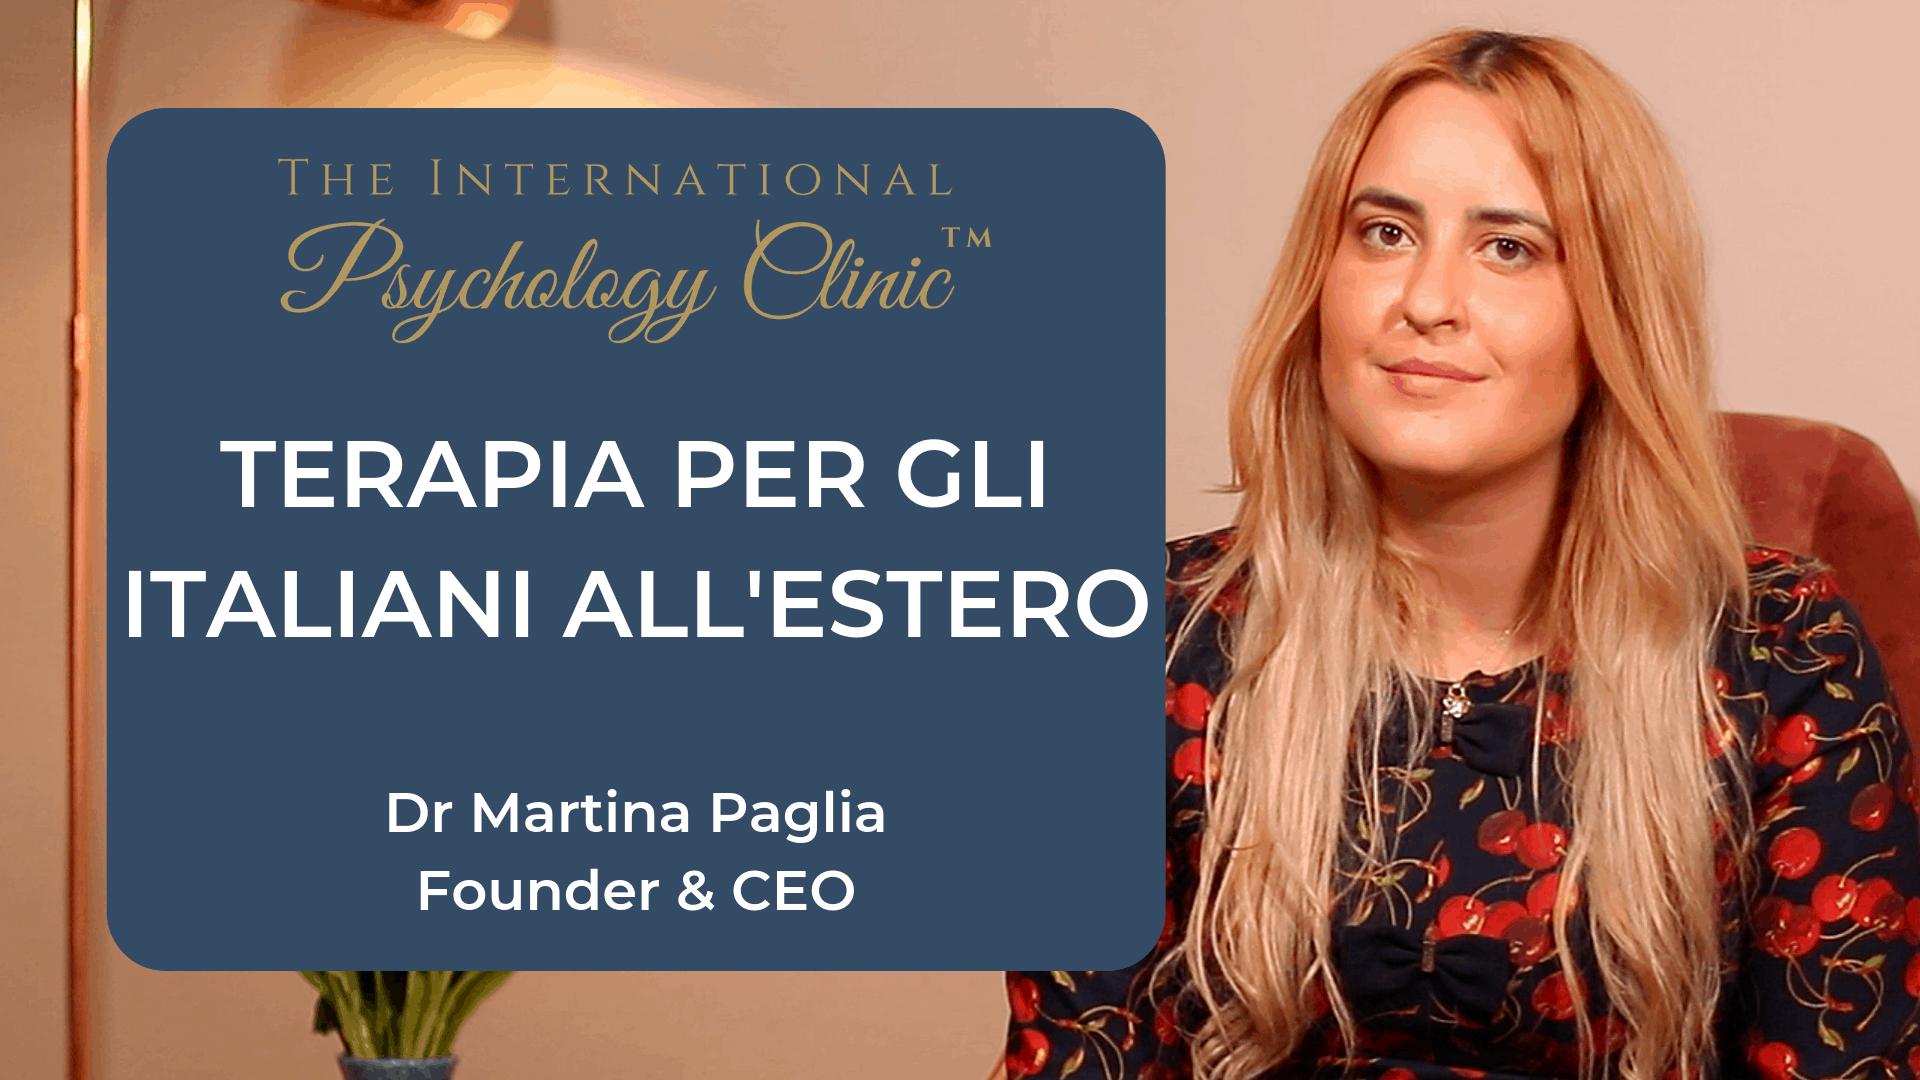 terapia per gli italiani all'estero